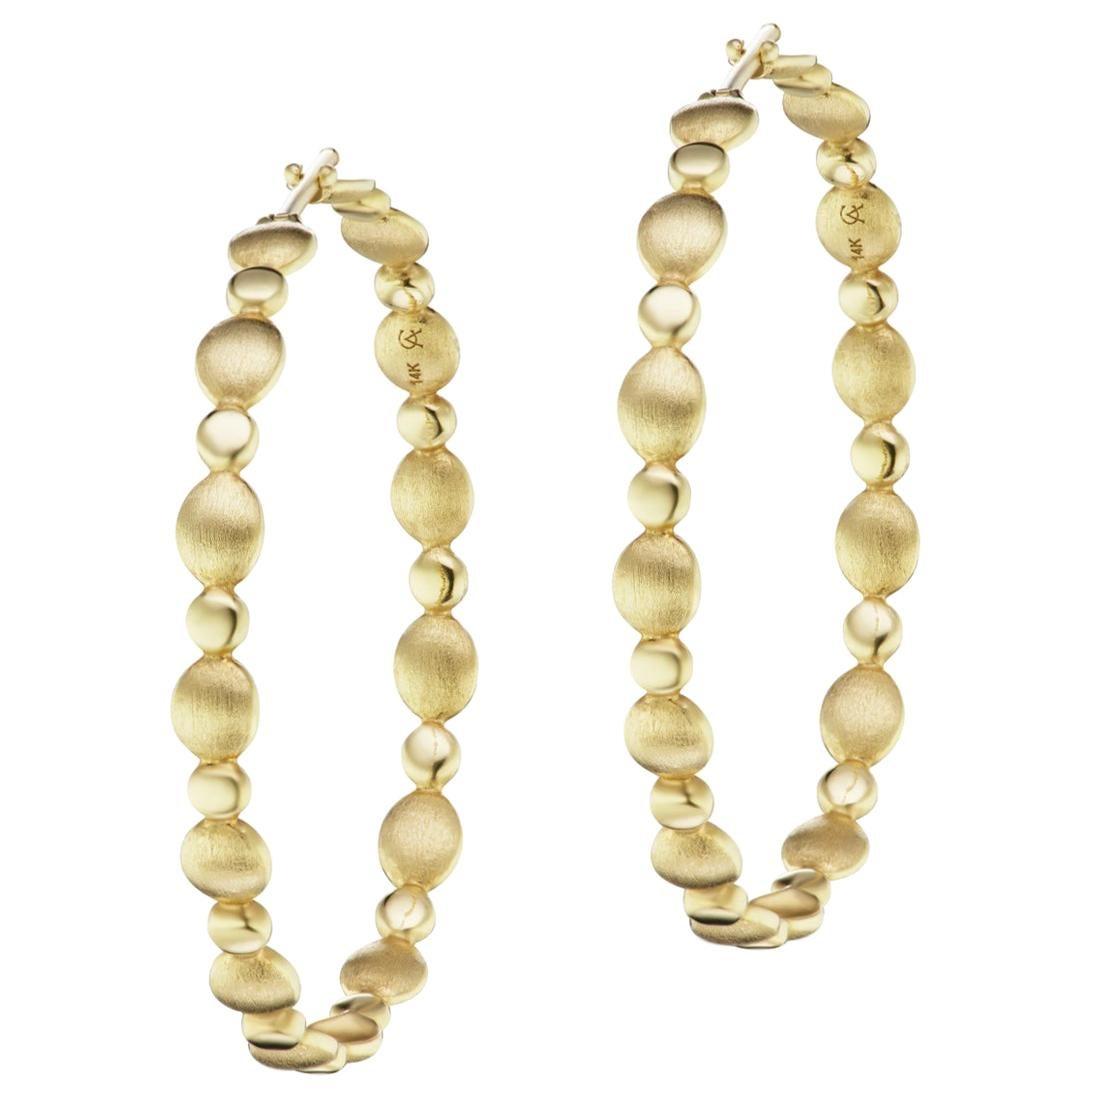 14 Karat Yellow Gold Brushed Motif Hoop Earring